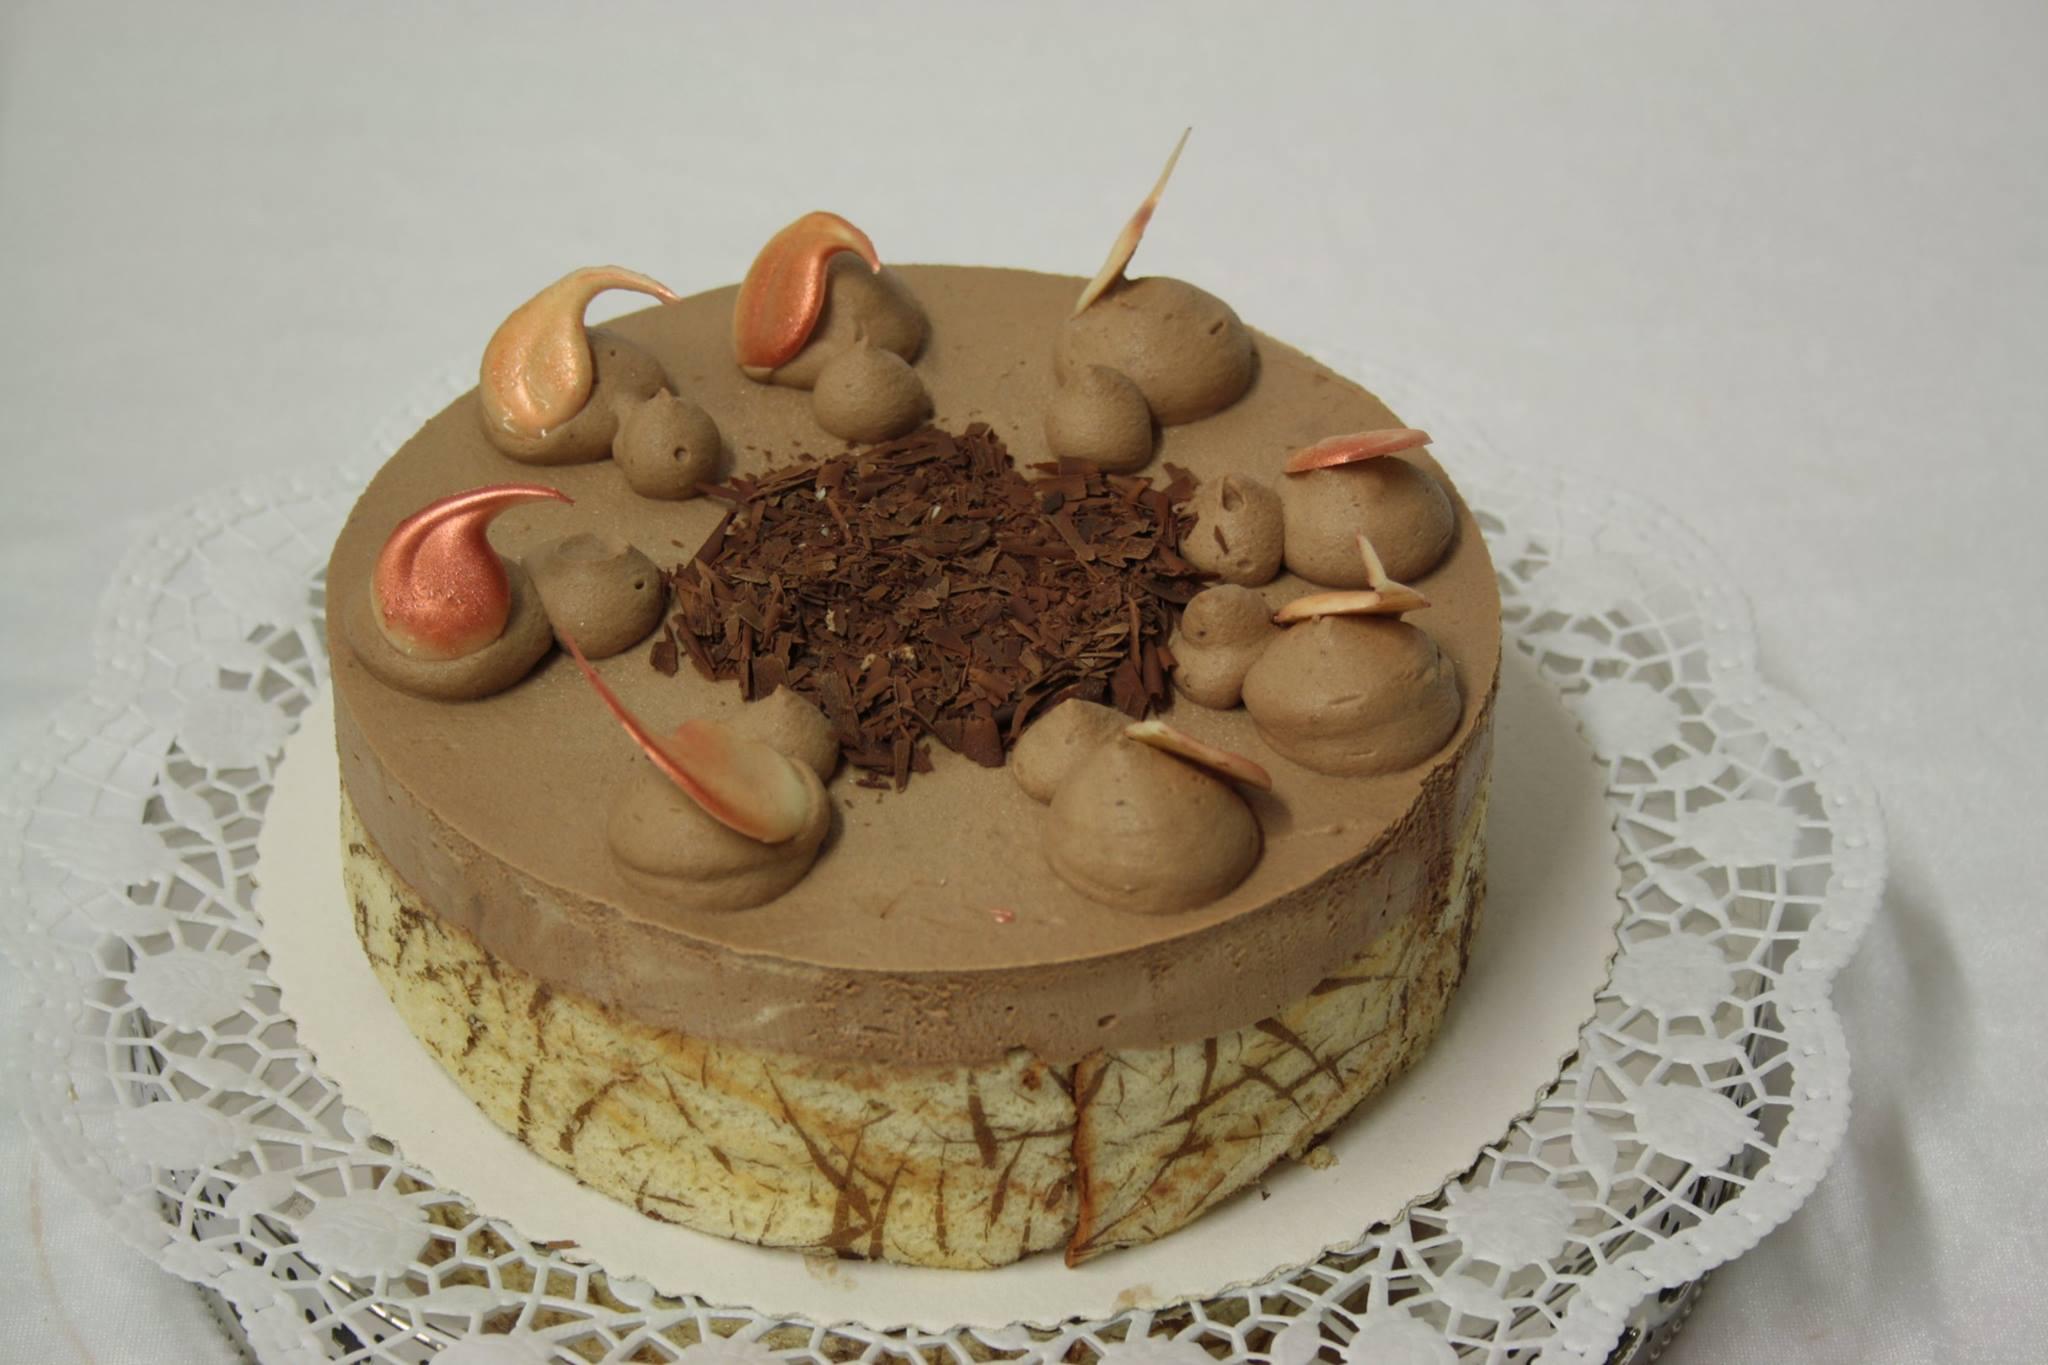 Kuchen und torten im schokol dchen bruchk bel und for Kuchen volker hosbach